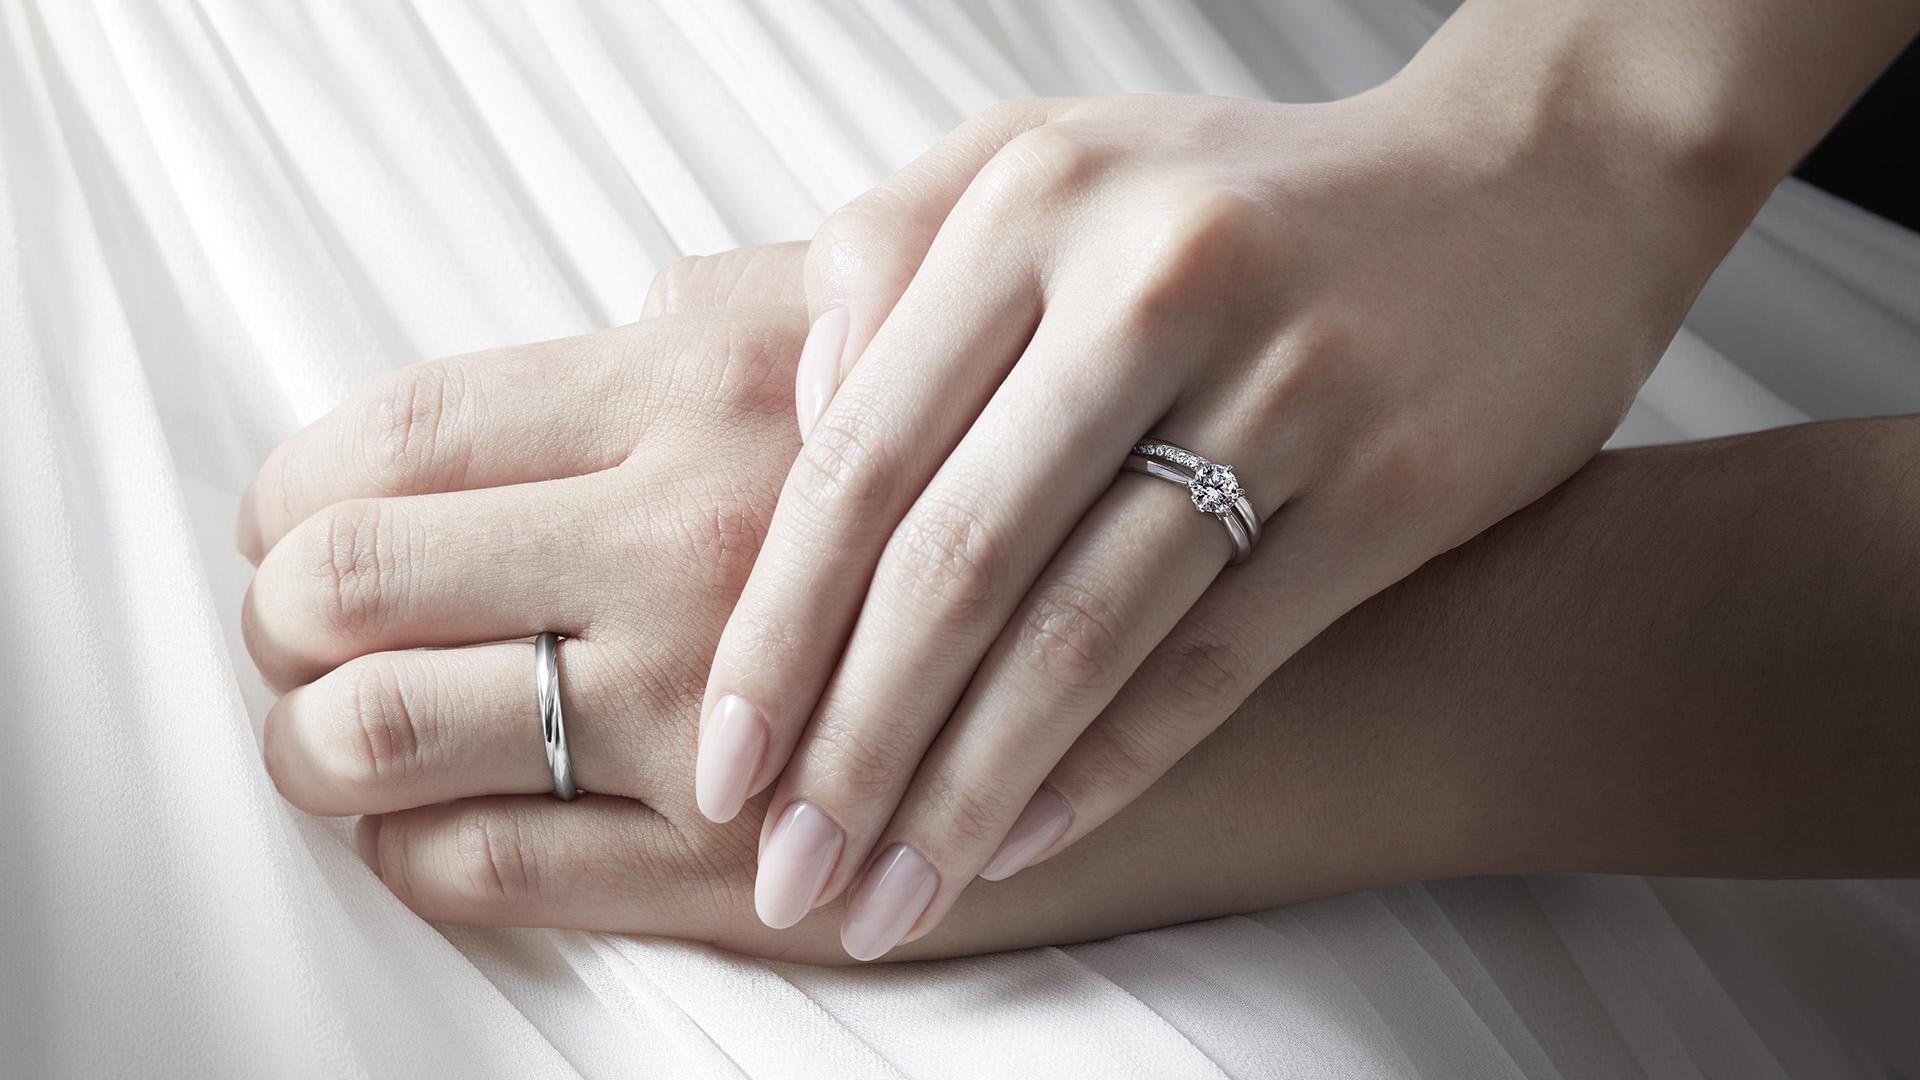 【NEW】hercules ヘラクレス≪11月2日(土)発売≫   結婚指輪サムネイル 3